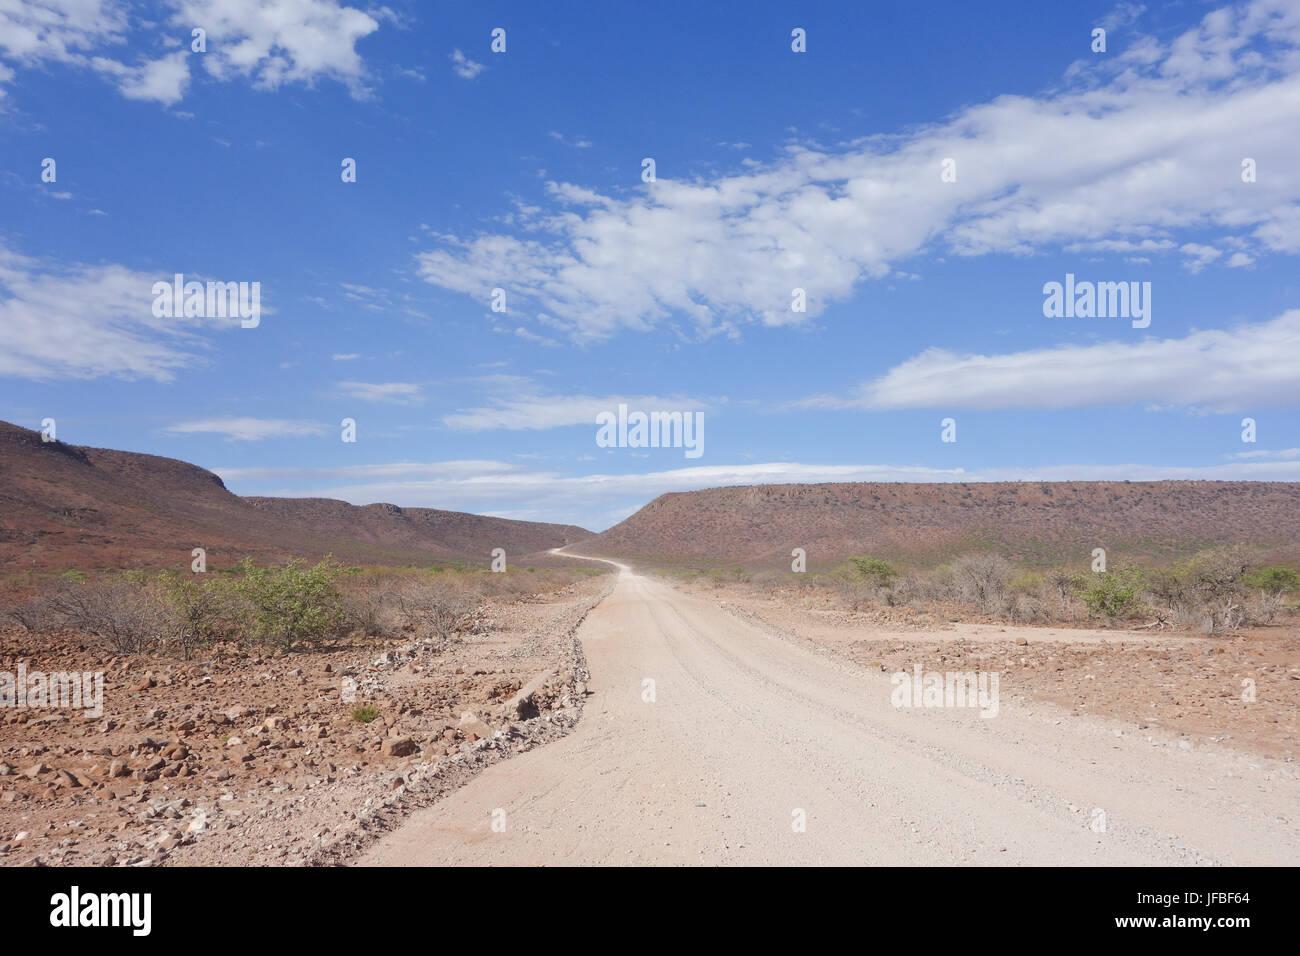 desert road - Stock Image